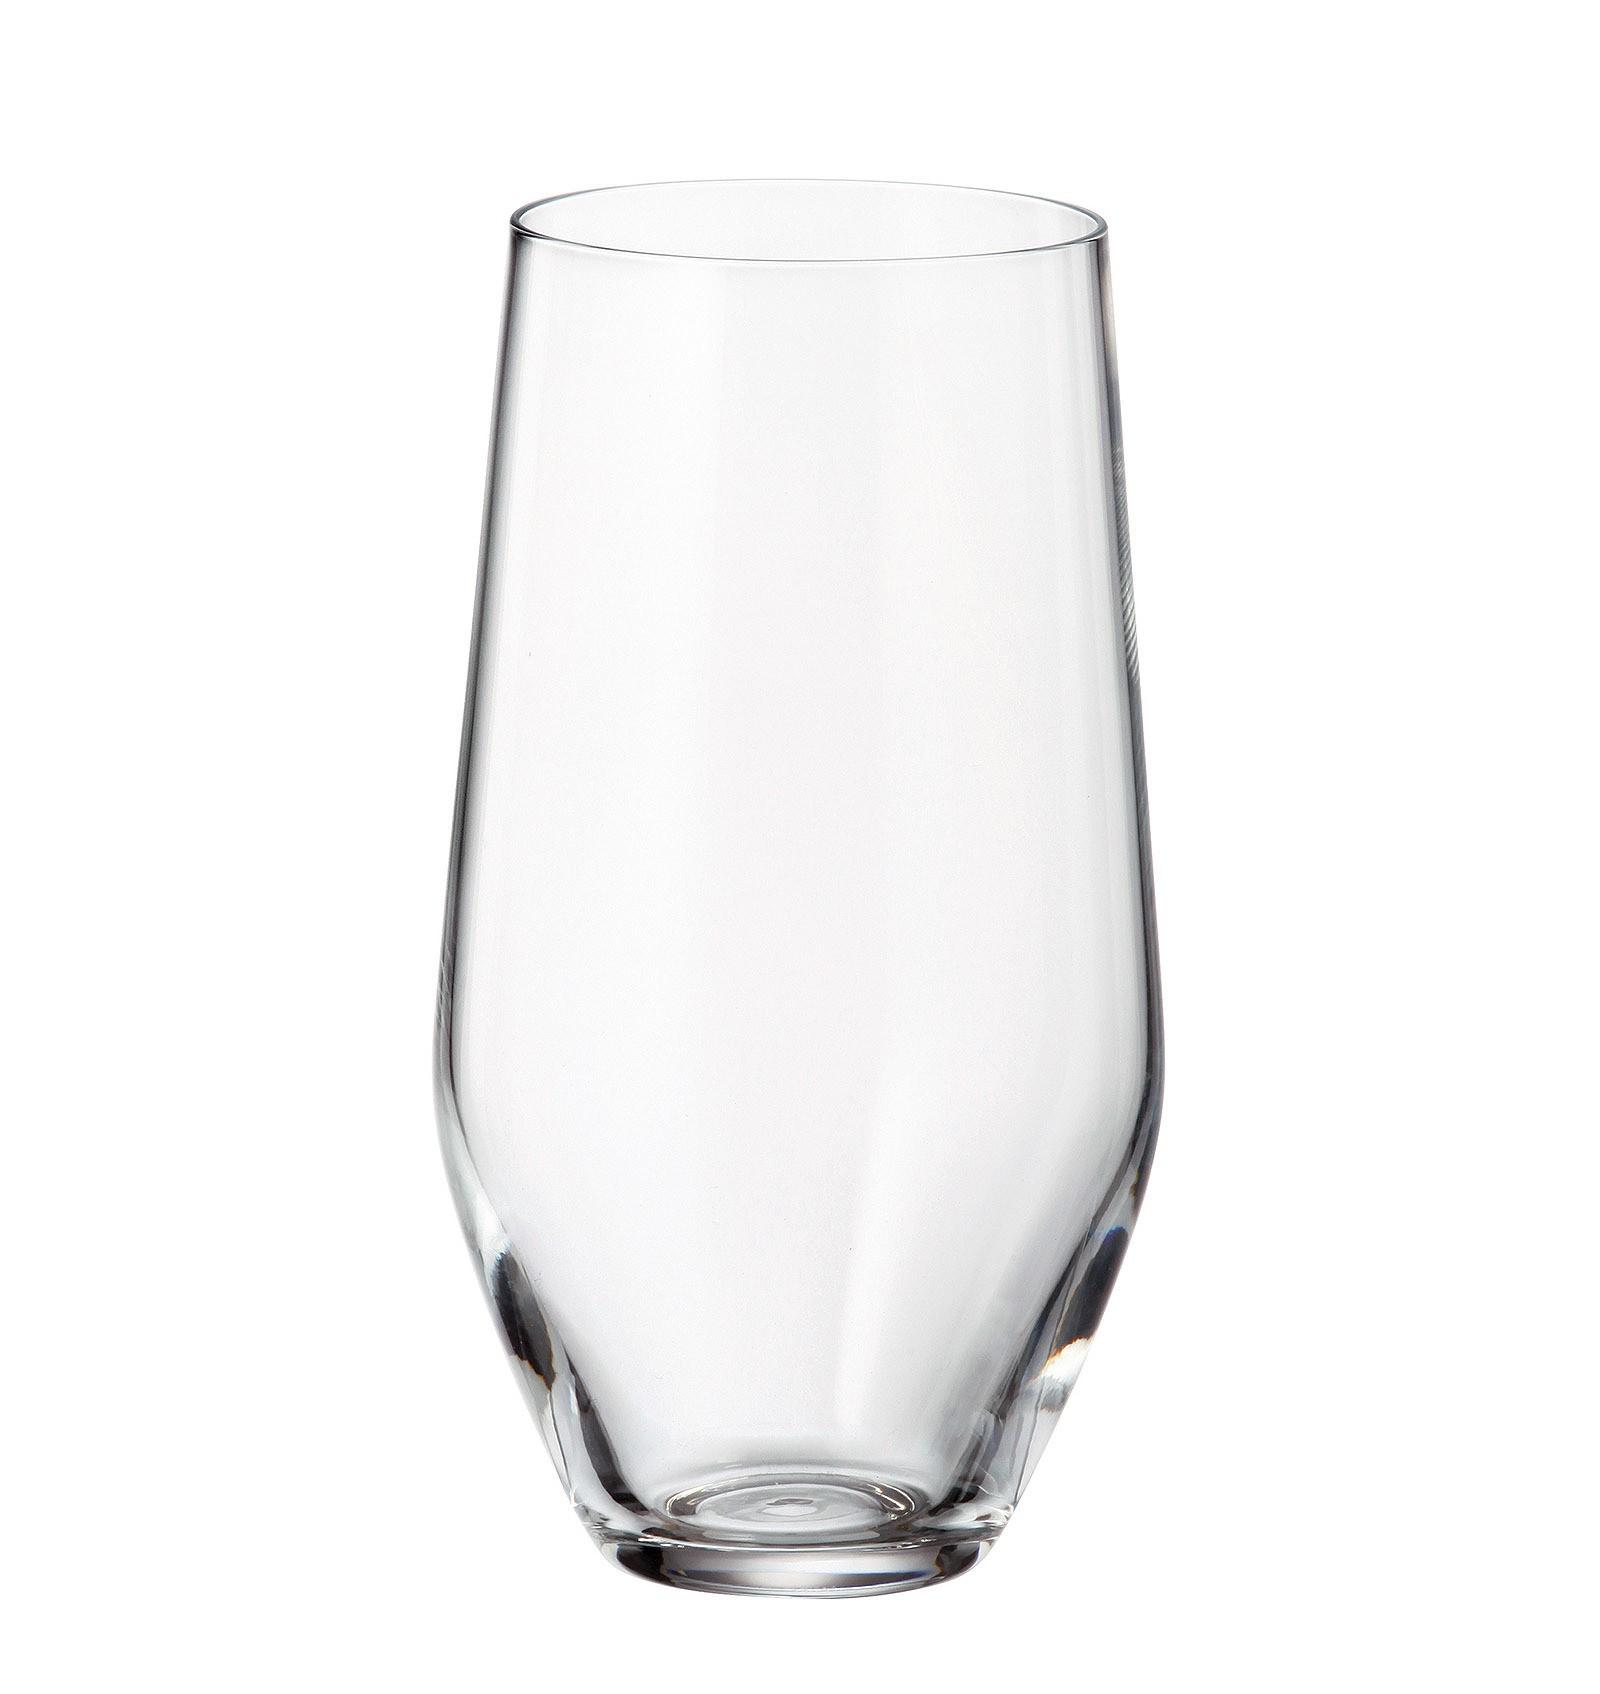 Ποτήρι Νερού - Αναψυκτικού Grus Σετ 6Τμχ Κρυστάλλινο 400ml Bohemia home   ειδη σερβιρισματος   ποτήρια